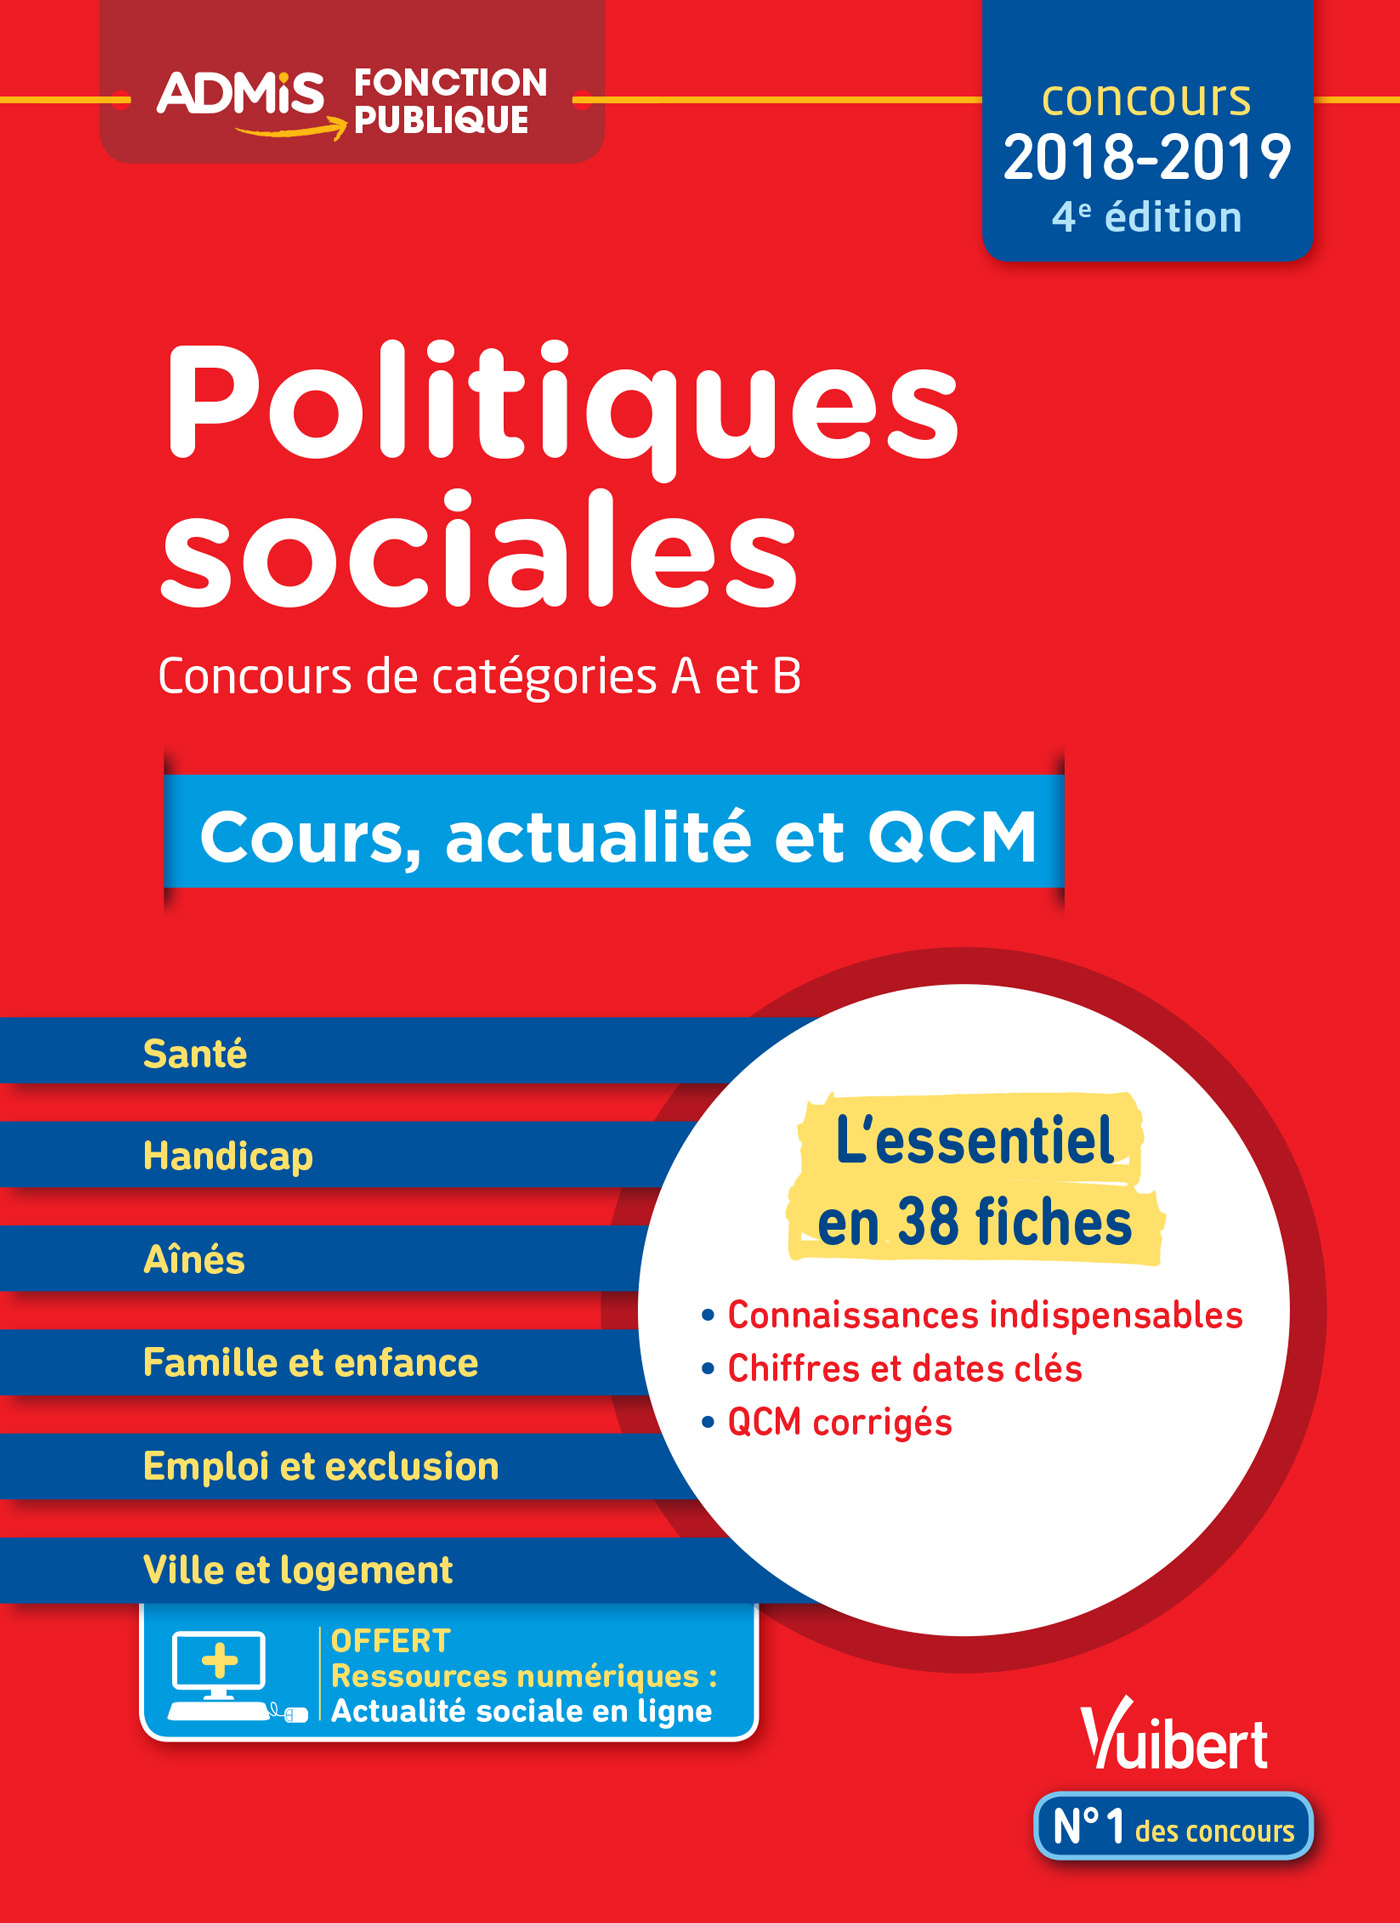 Politiques sociales - Cours, actualité et QCM - Concours de catégories A et  B - L'essentiel en 38 fiches | Vuibert